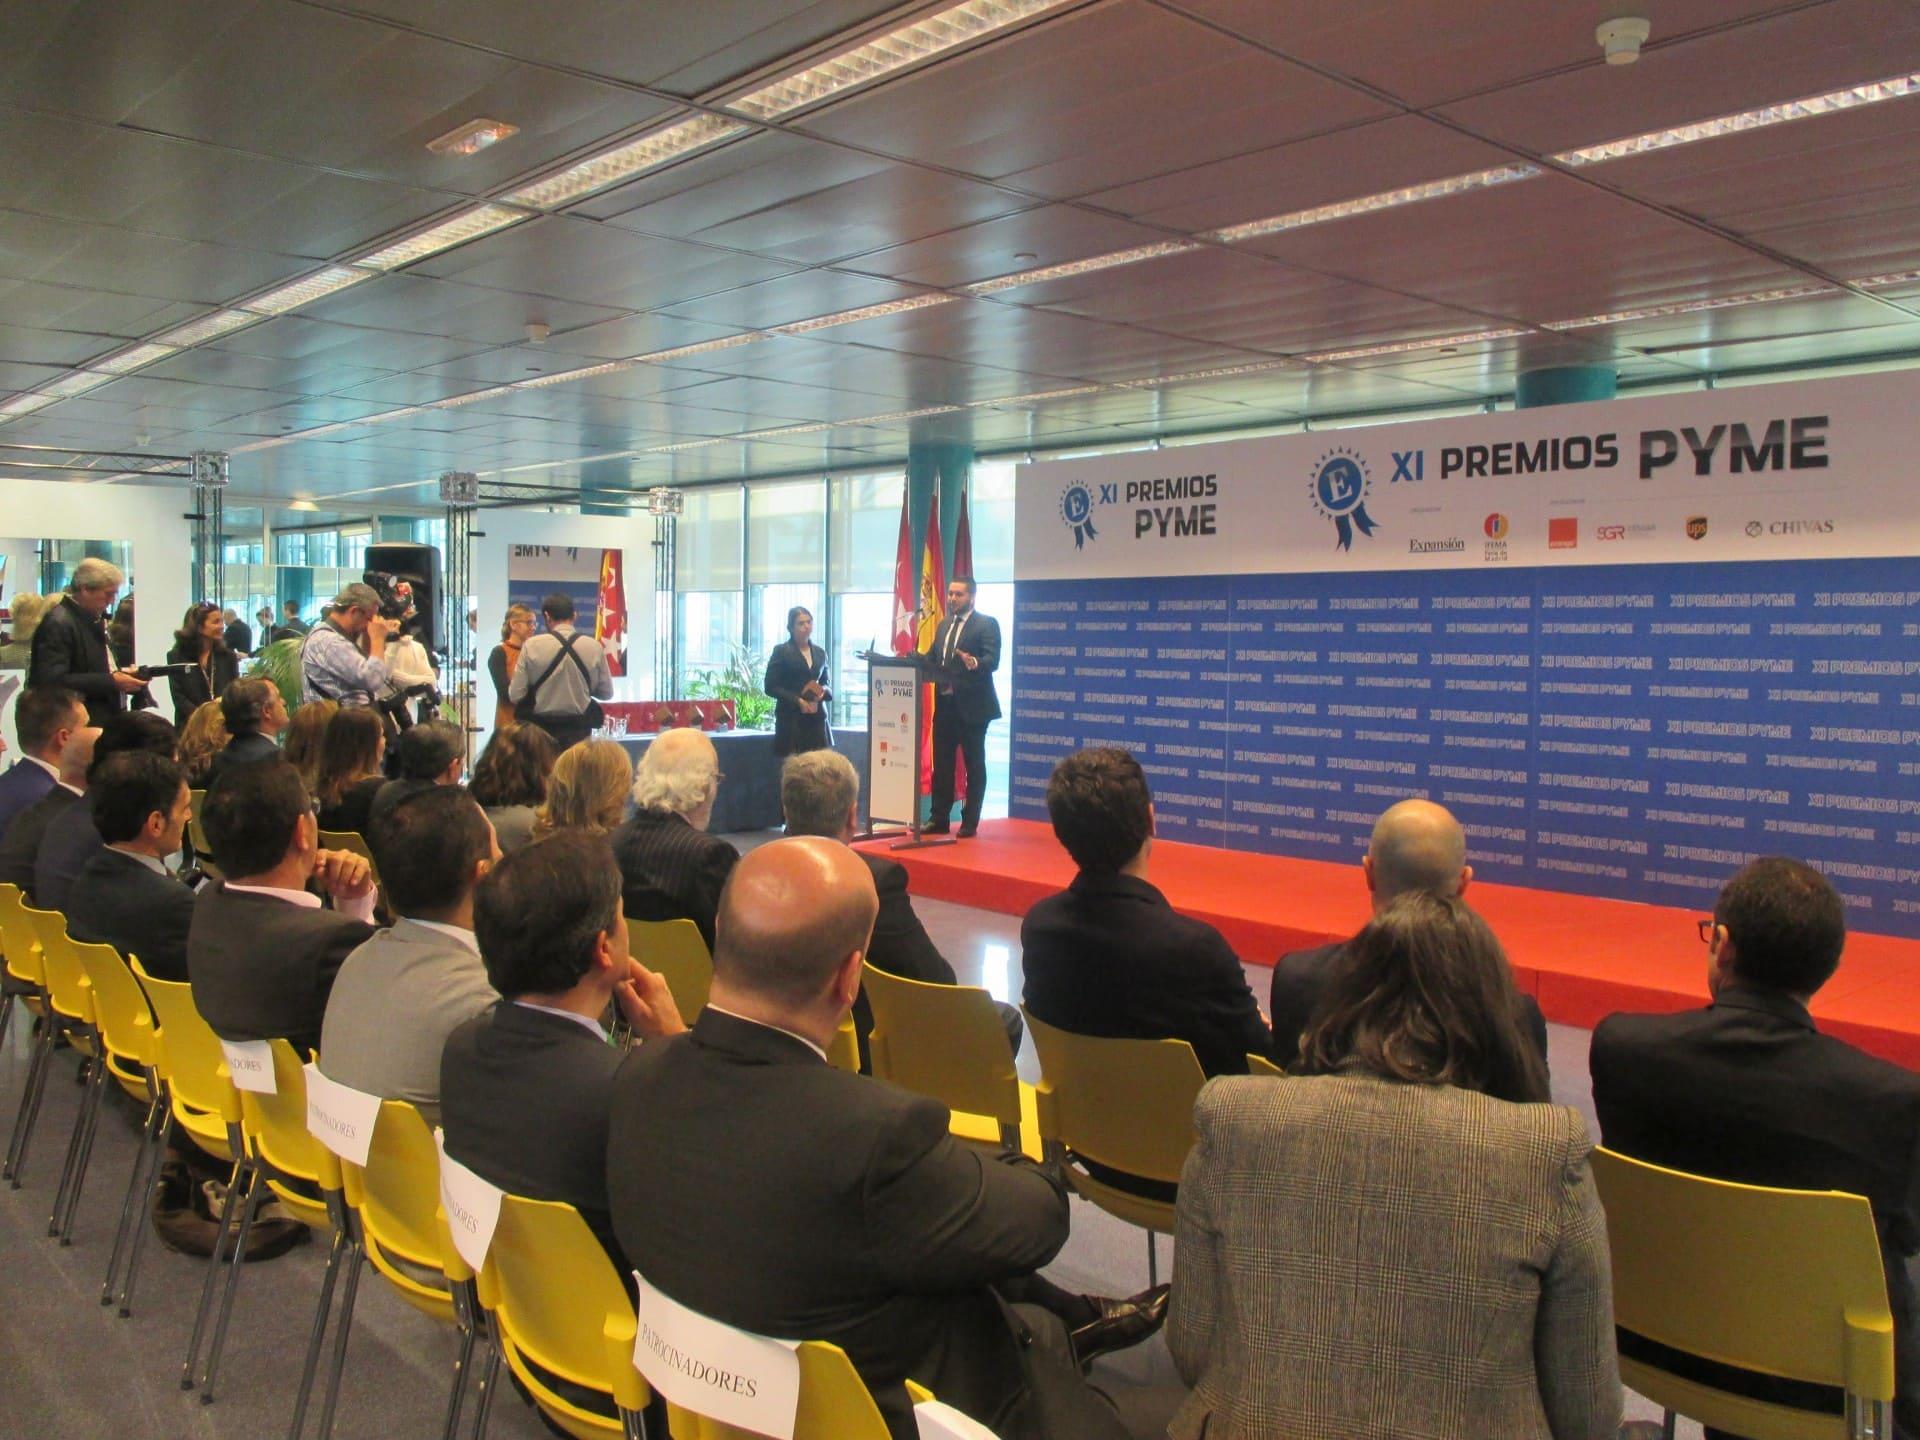 José Ferrer, CEO de Solbyte, galardonado con el XI Premio Pyme 2015 organizado por Expansión e Ifema